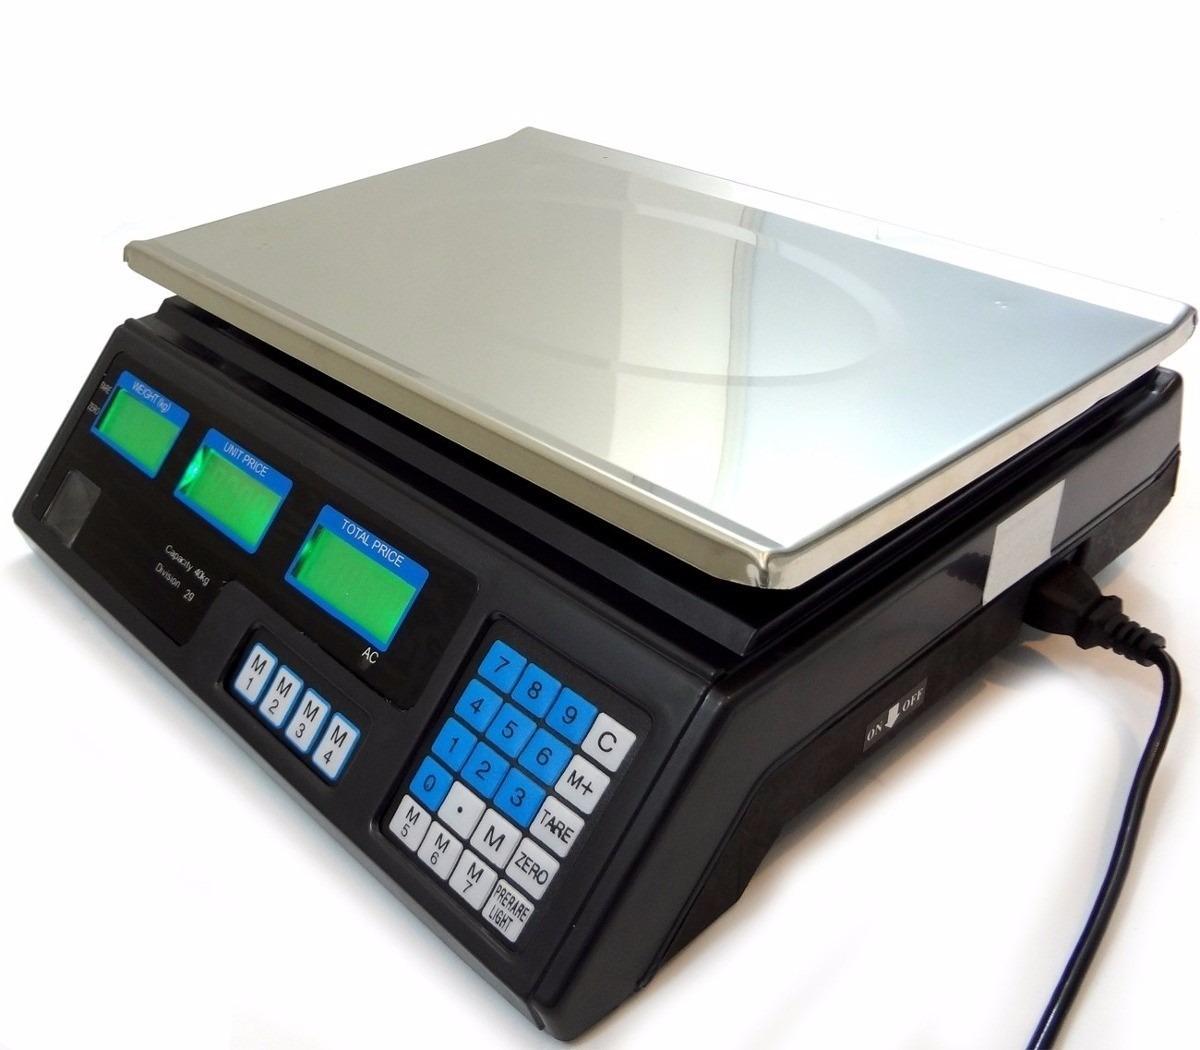 Balança Eletronica De Alta Precisao Digital 40kg Com Bateria R$ 189  #126FB9 1200x1050 Balança Digital Banheiro Britania